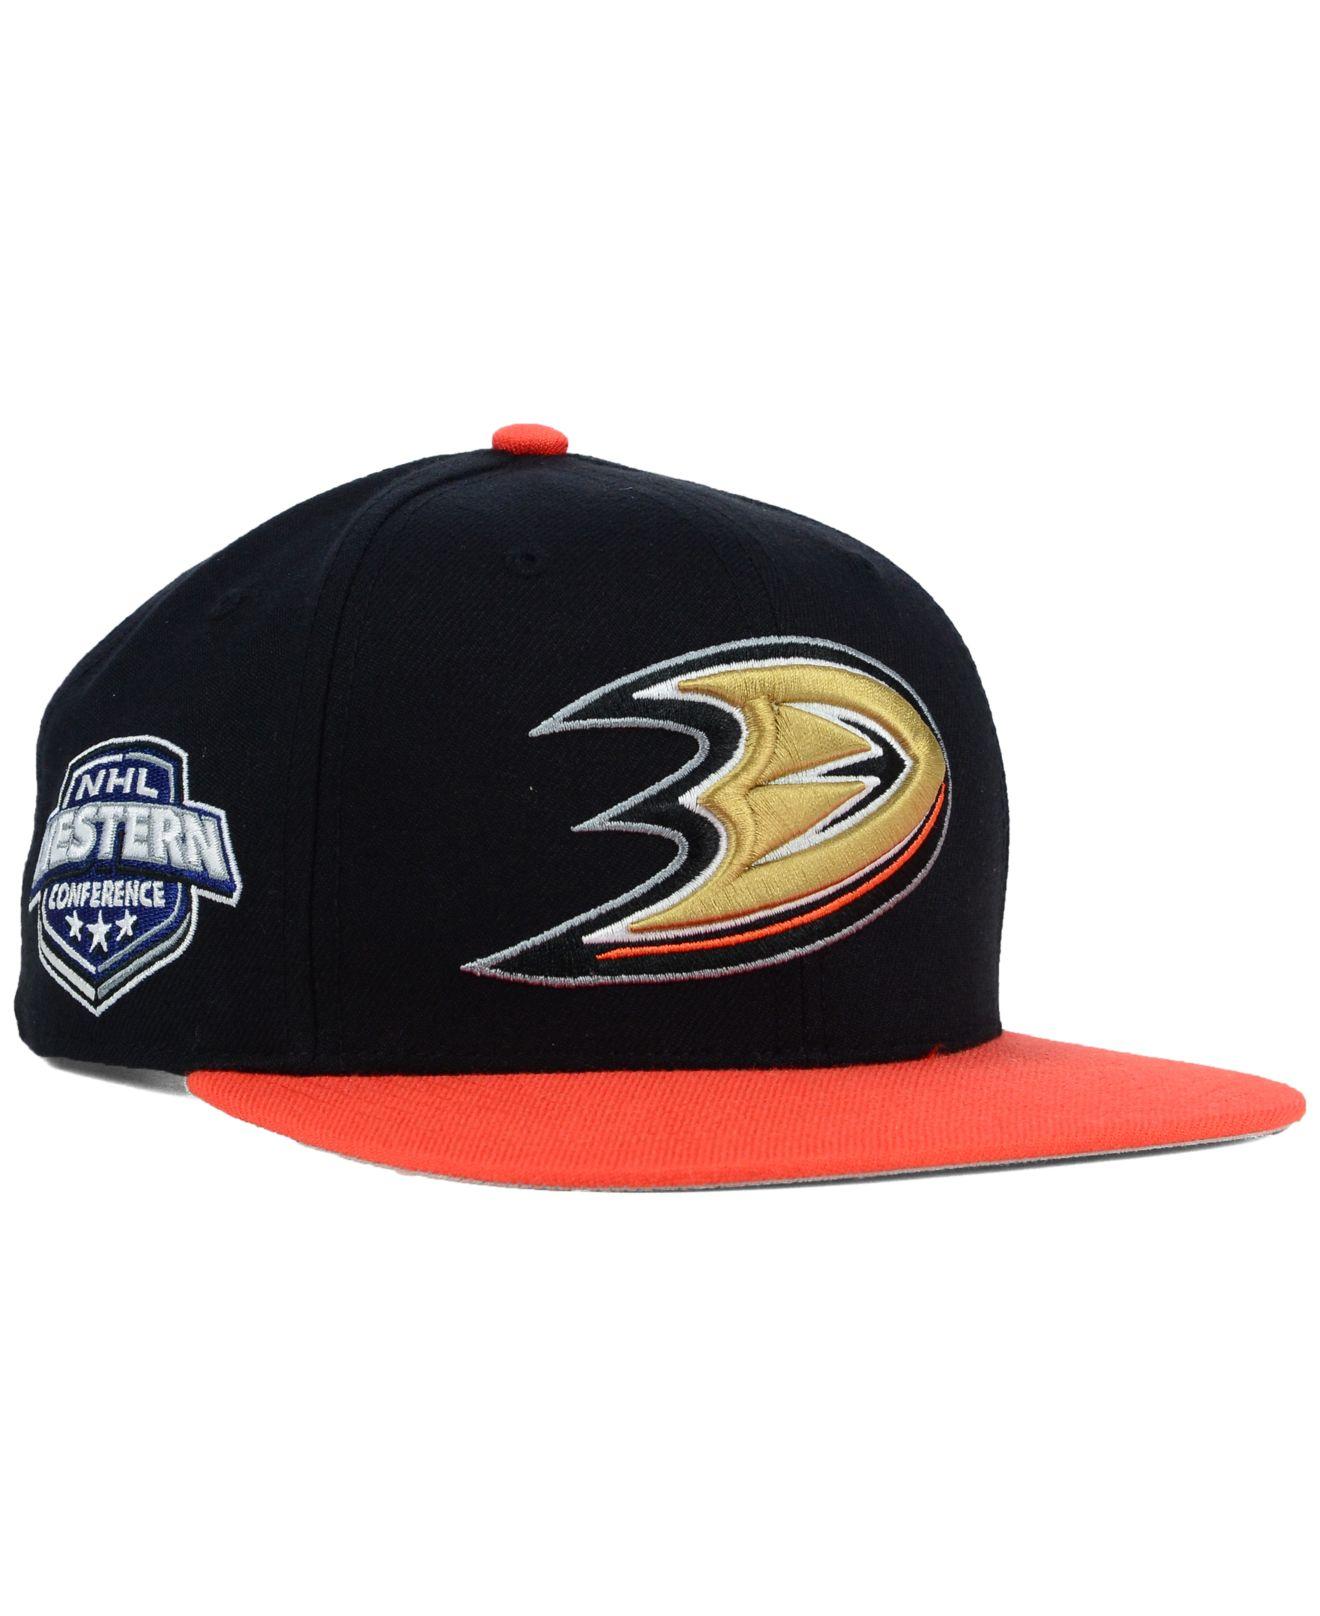 Lyst brand anaheim ducks sure shot tone snapback cap jpg 1320x1616 Anaheim  ducks sure no snapback 6b8f42acc17f